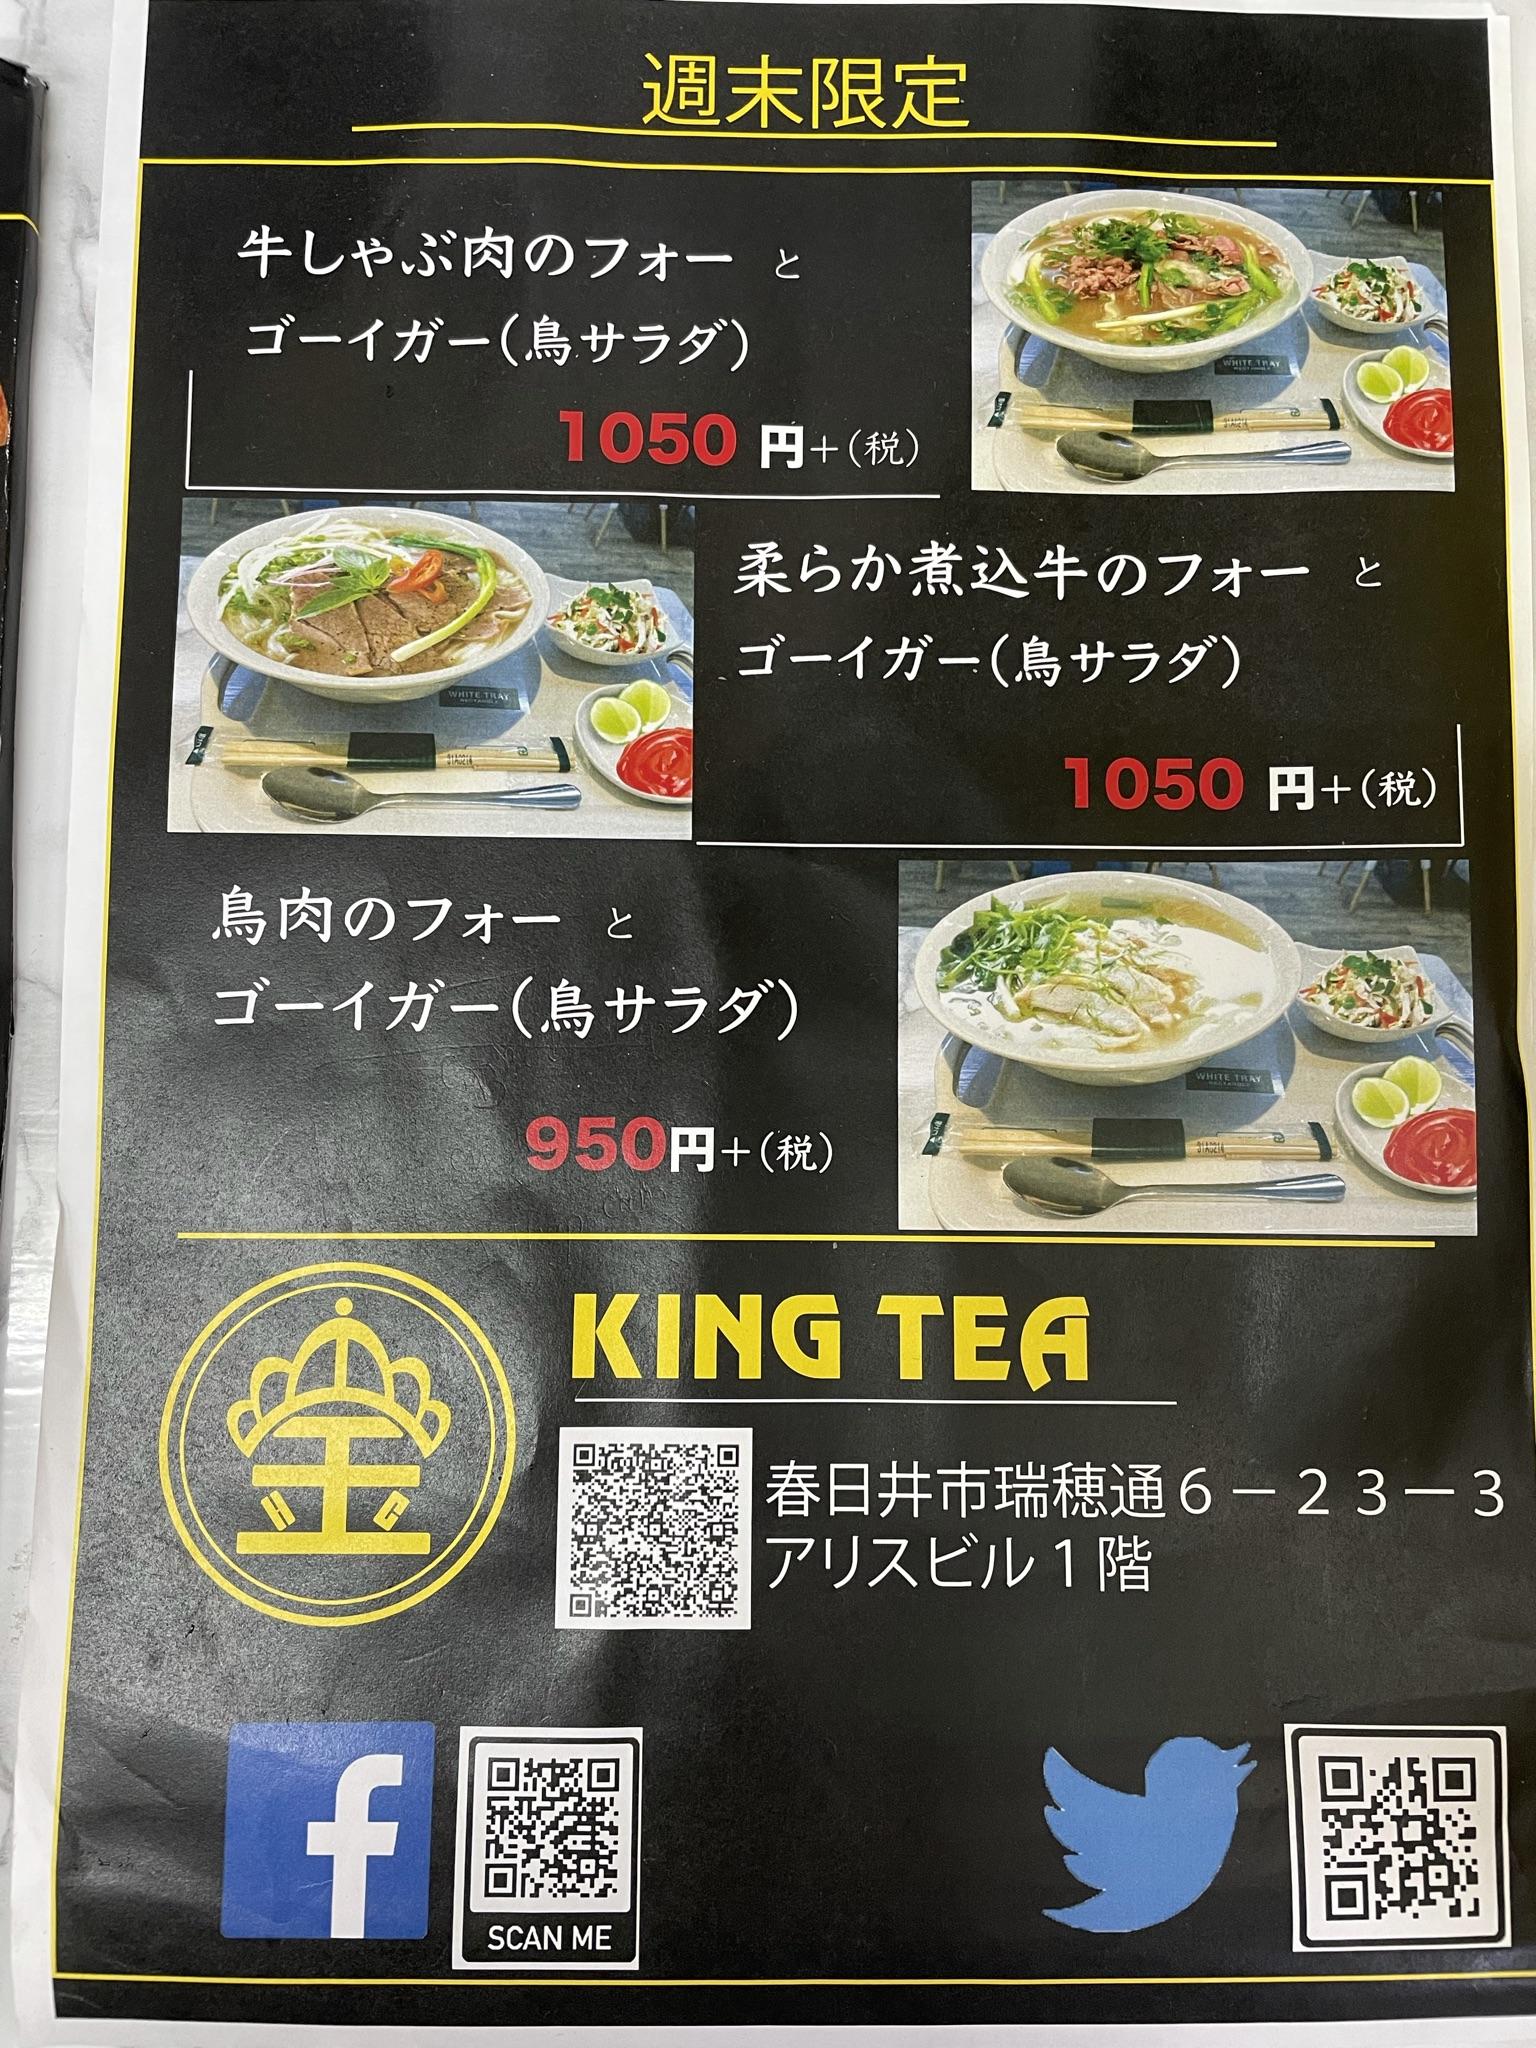 【愛知県春日井市】バインミー&タピオカミルクティー専門店「KING TEA」